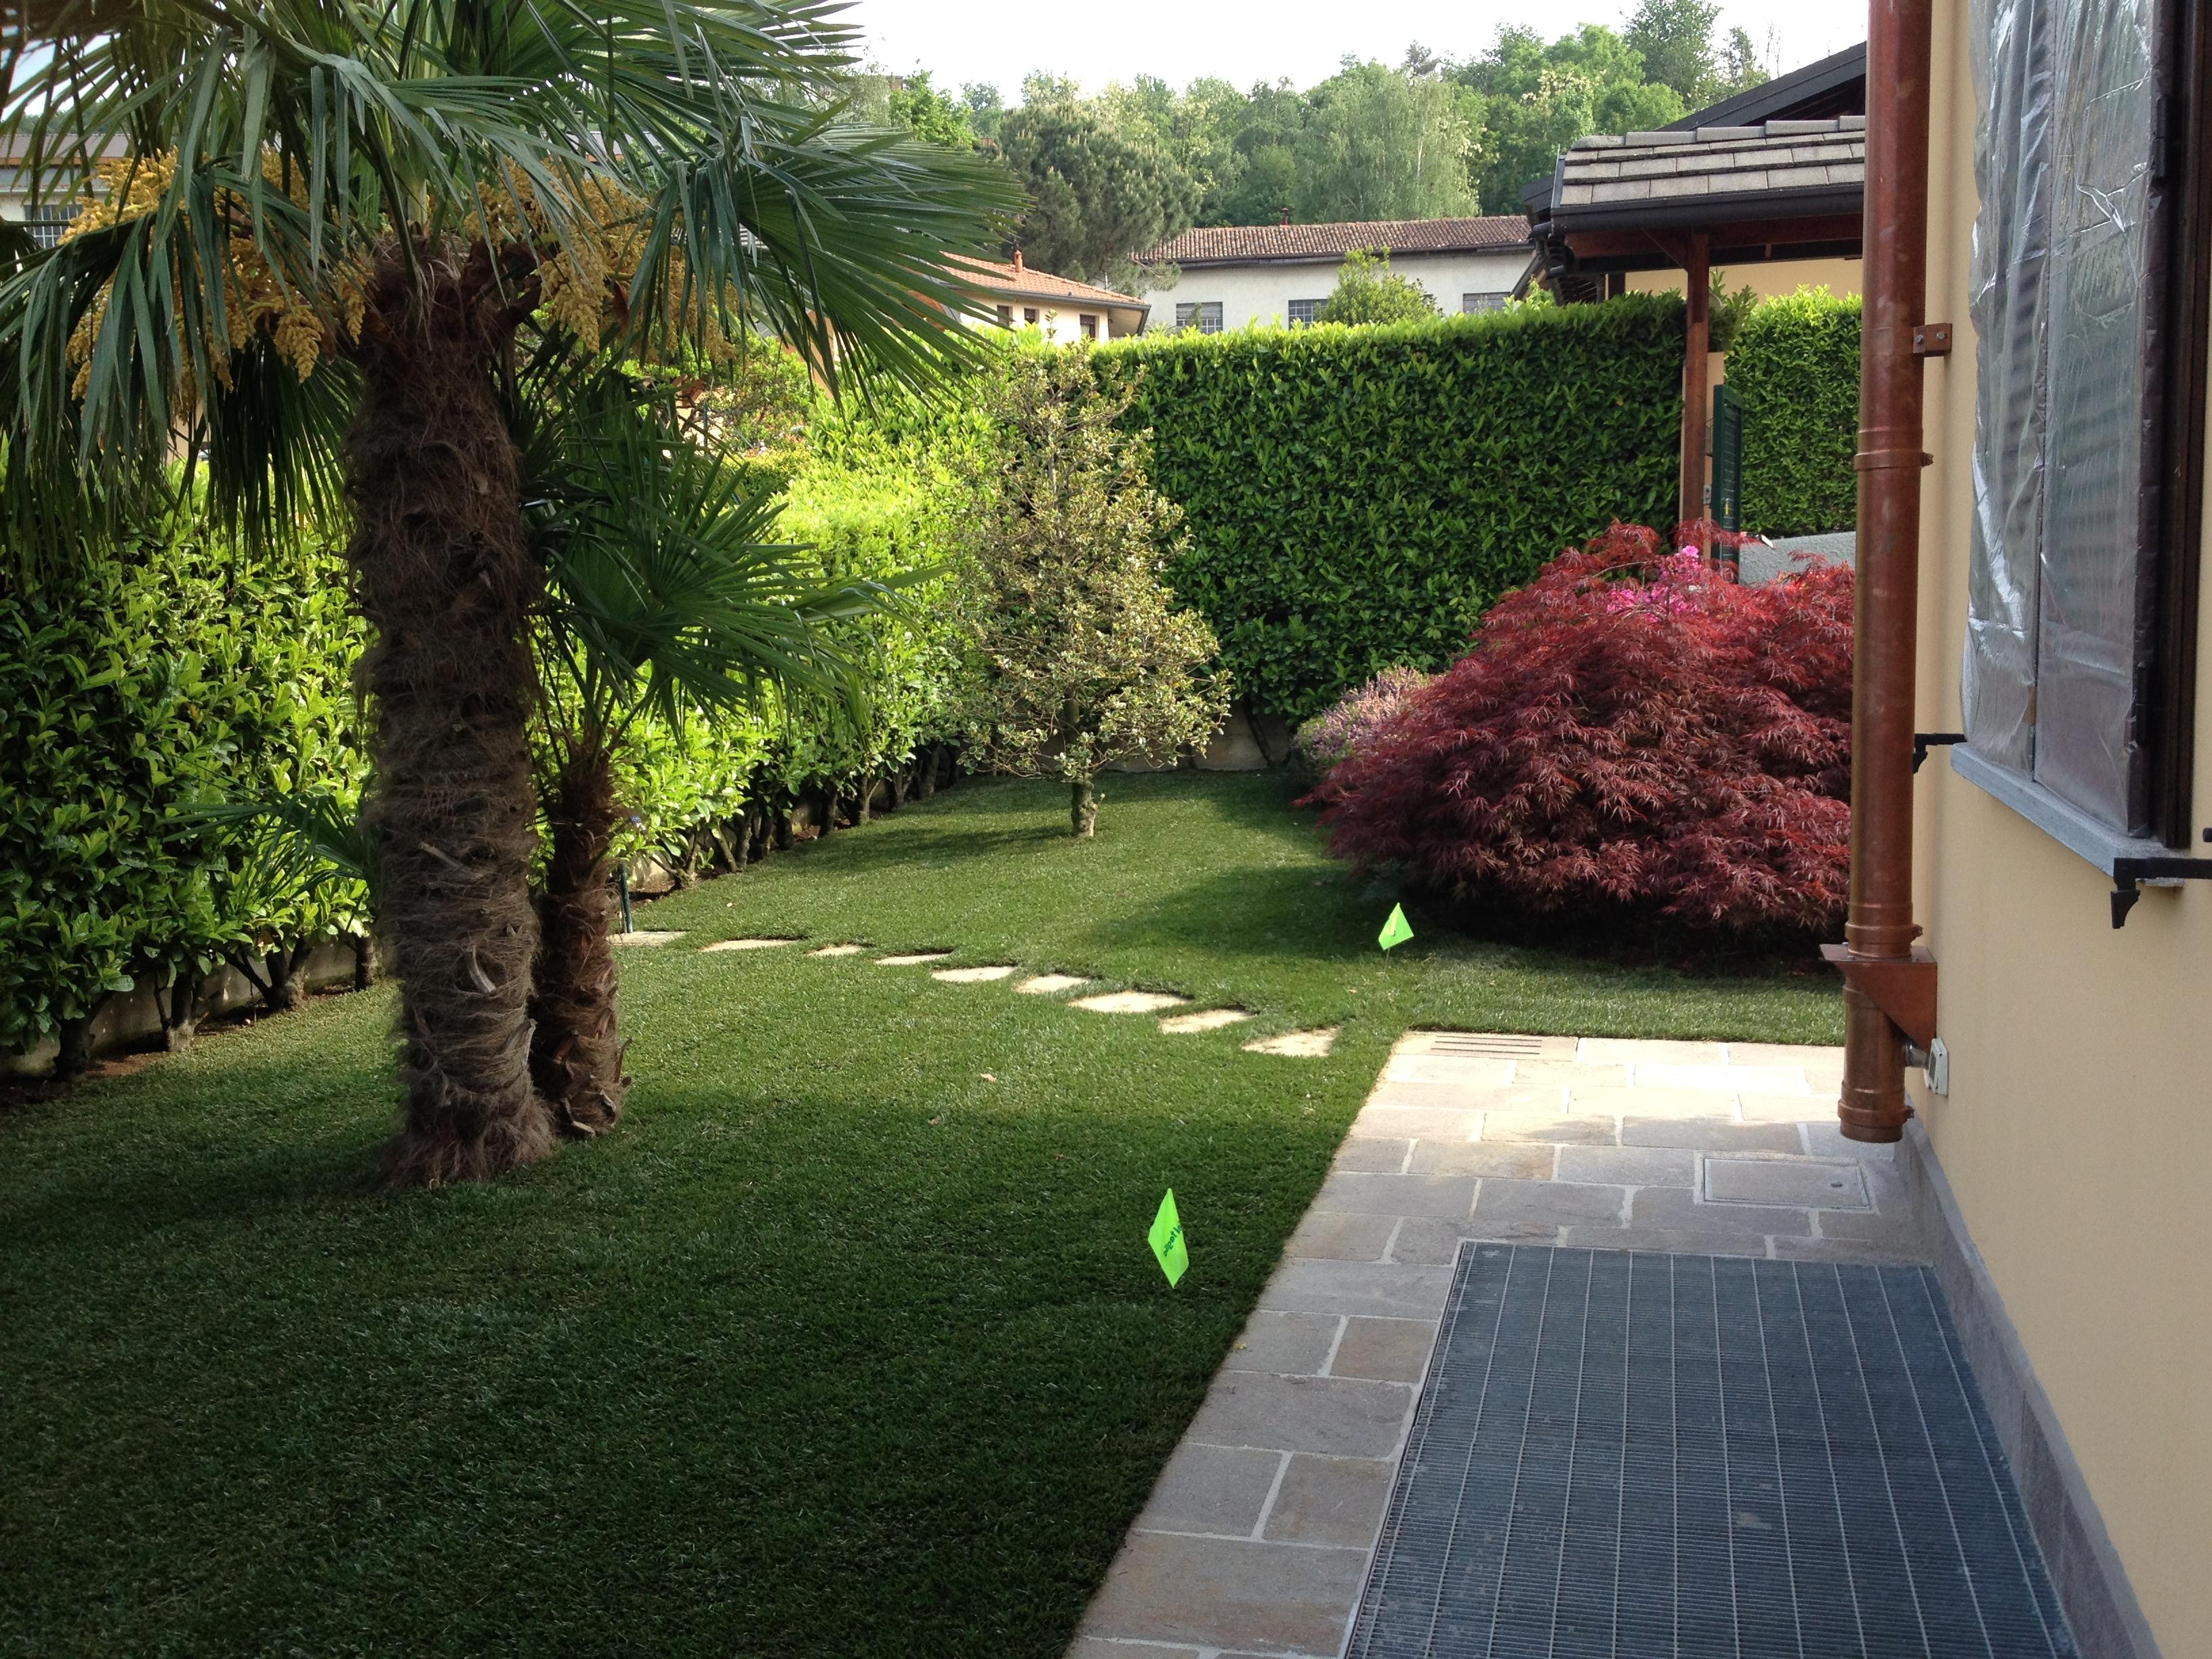 giardini di andrea giardiniere como giardiniere